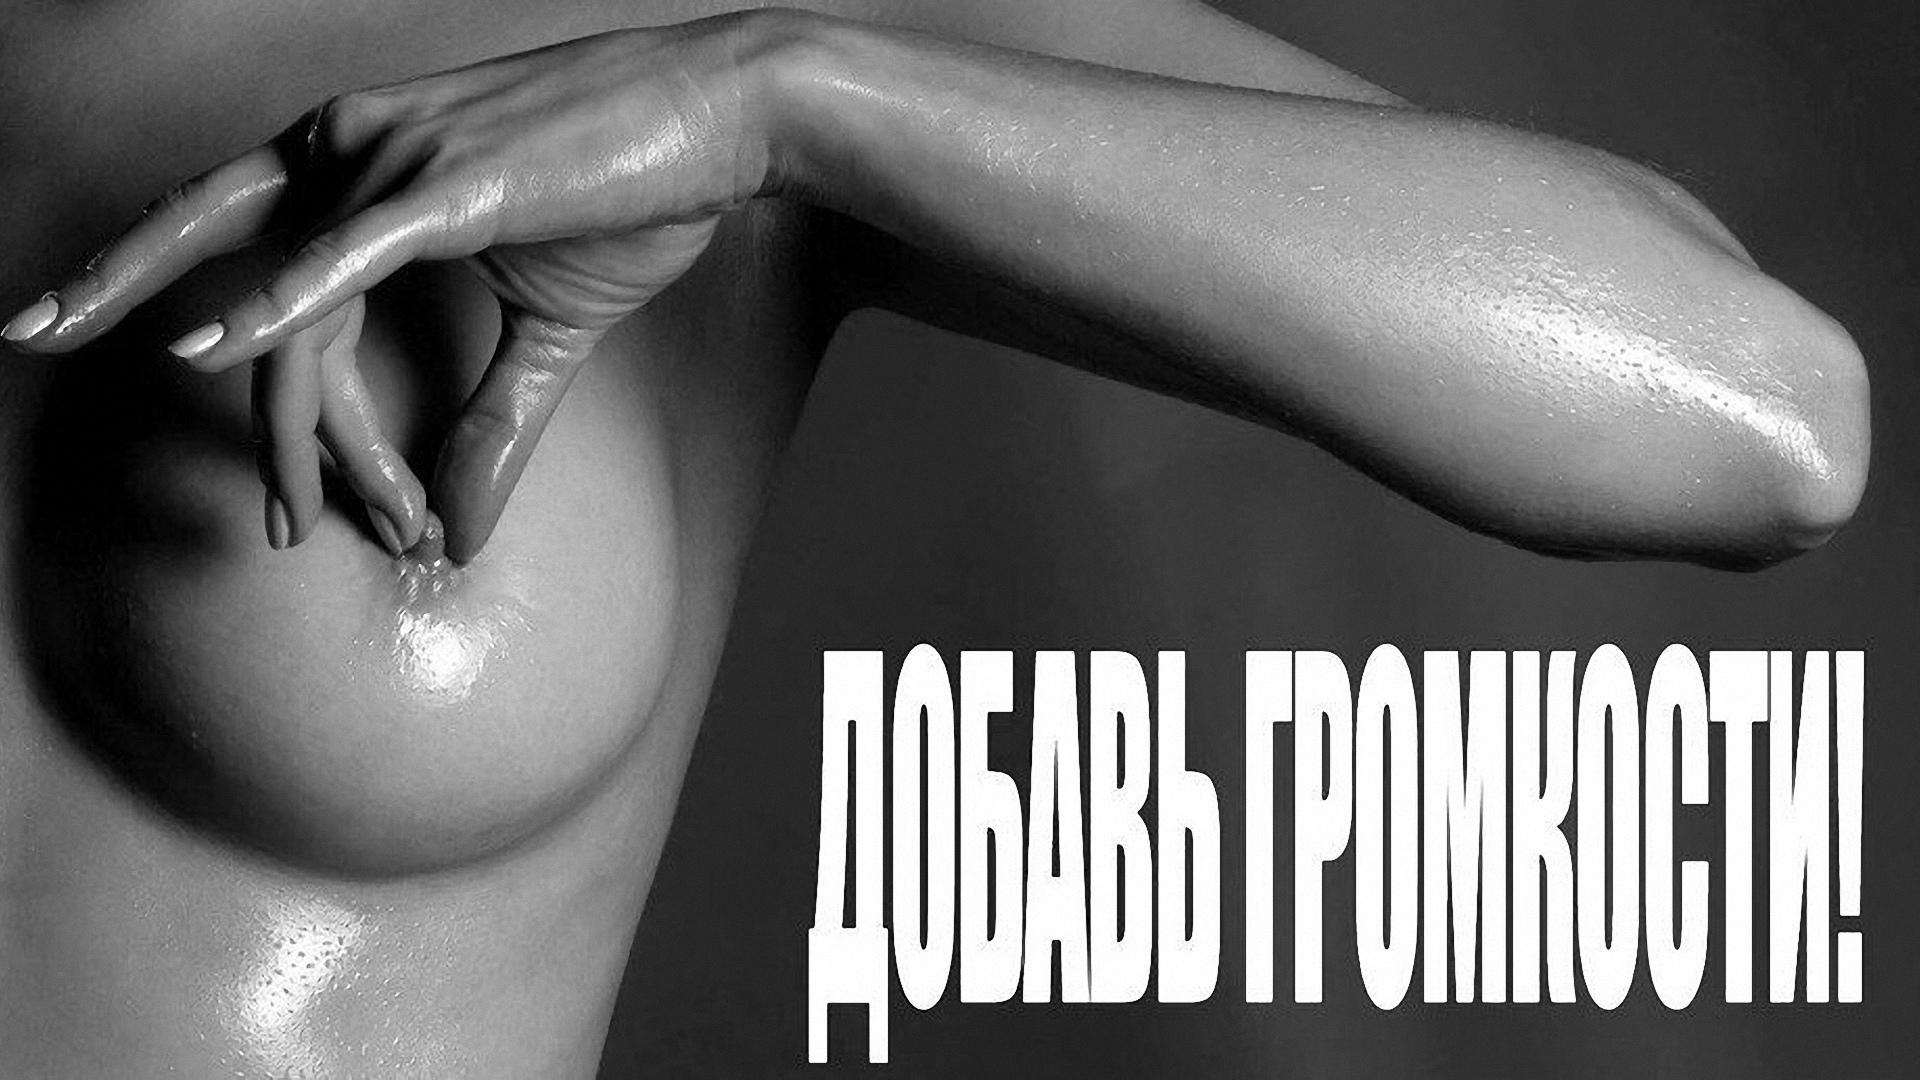 девушка, грудь, сосок, надпись, для музыки